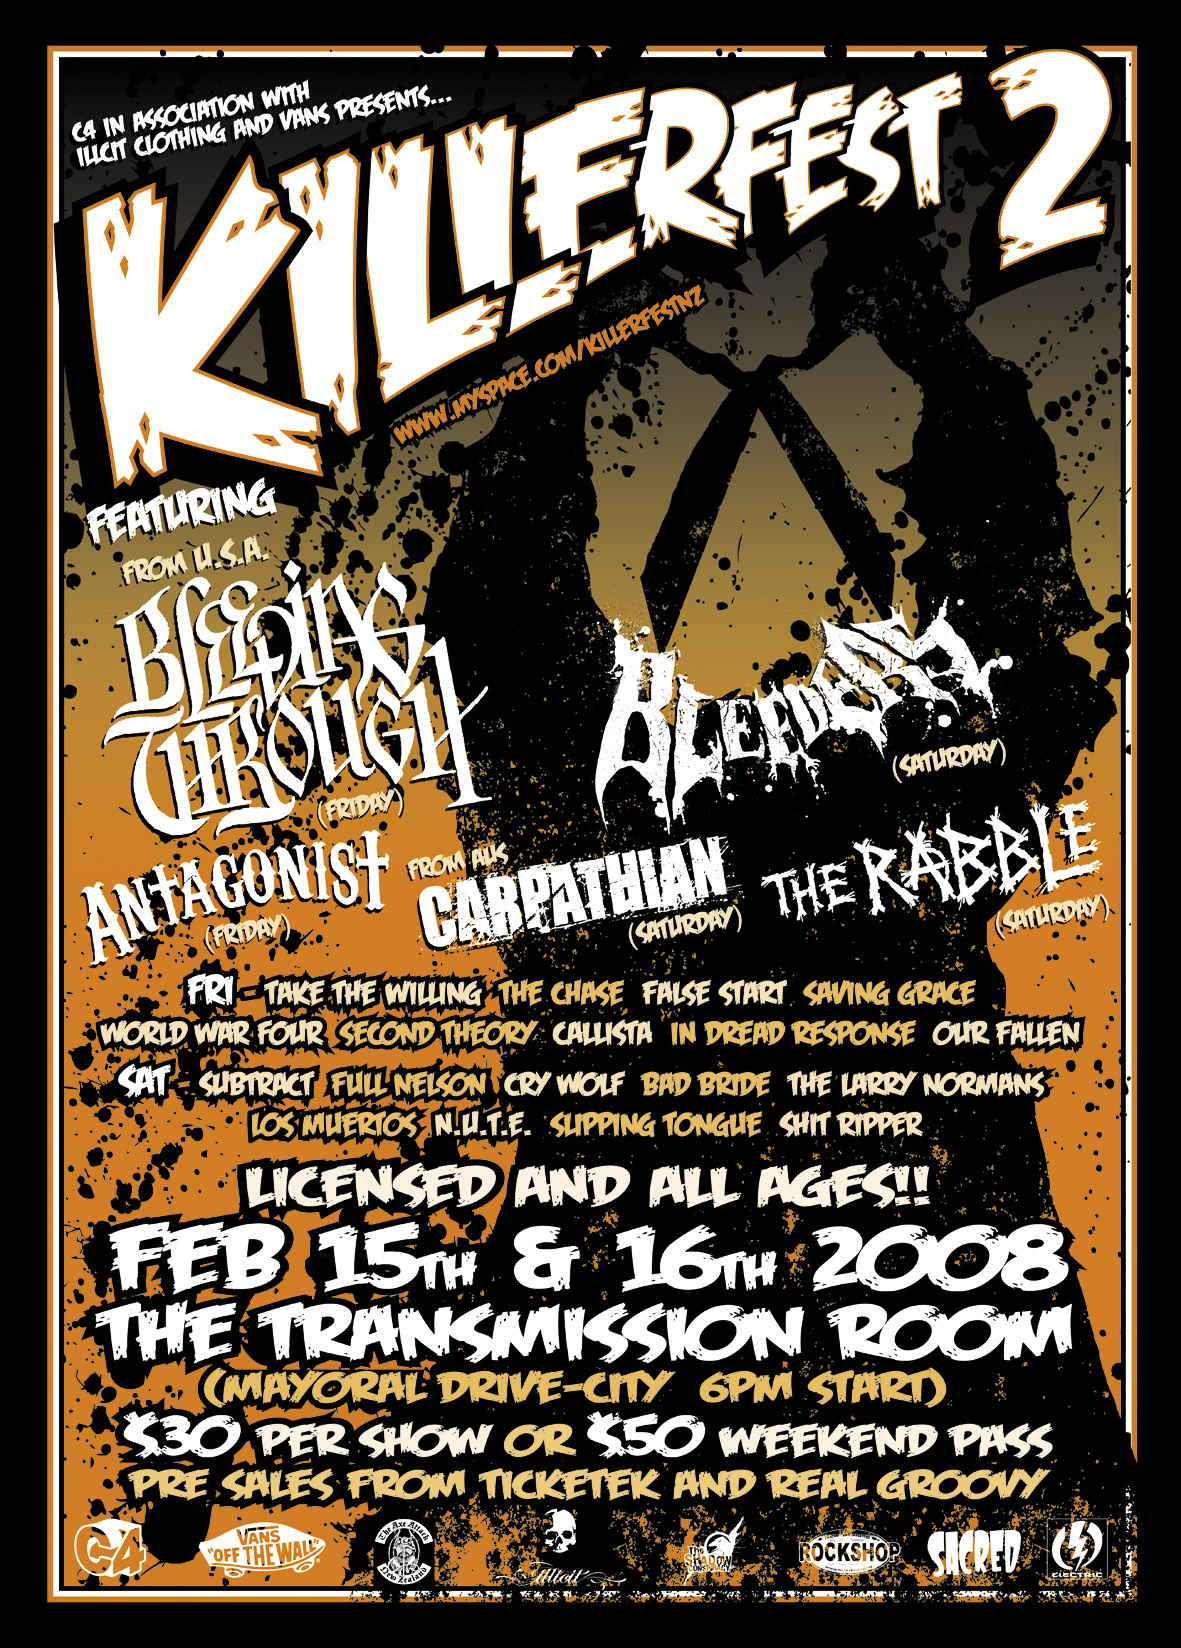 killerfest2.jpg